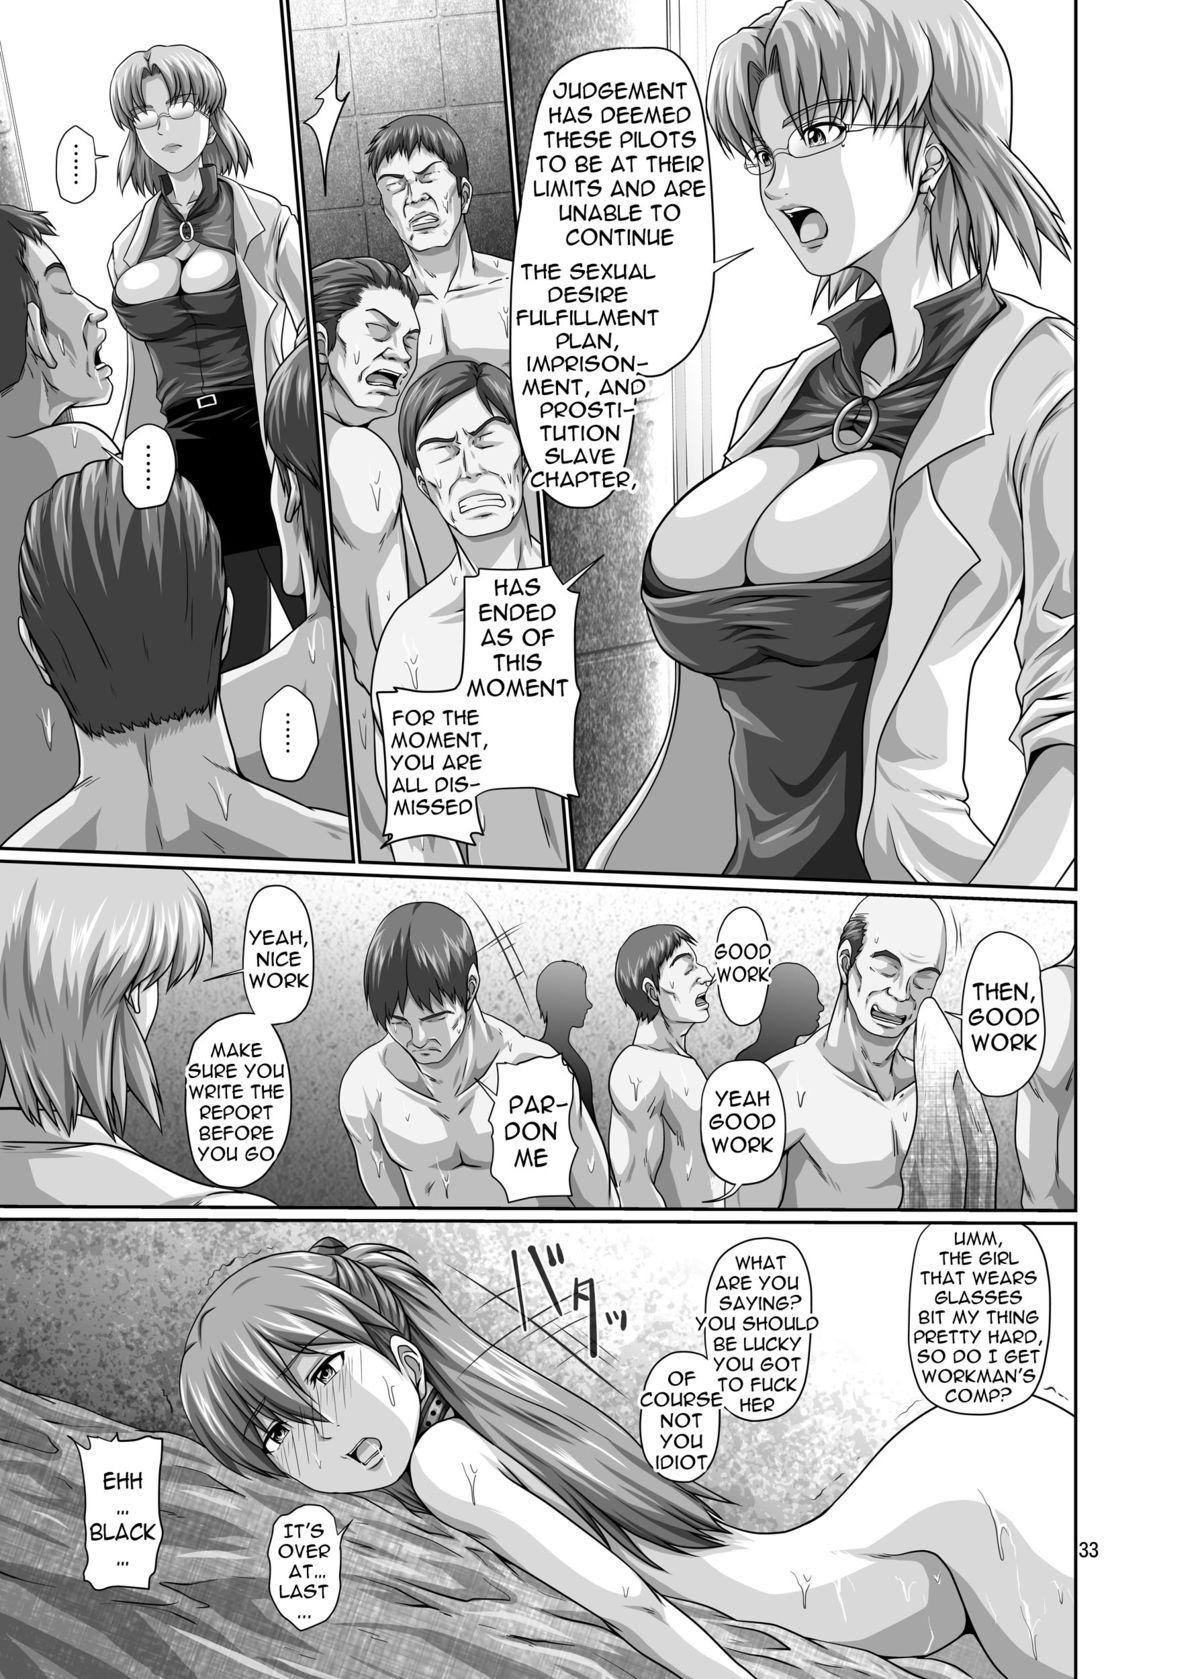 Seiteki Yokkyou Hokan Keikaku San | Sexual Desire Fulfillment Plan 31